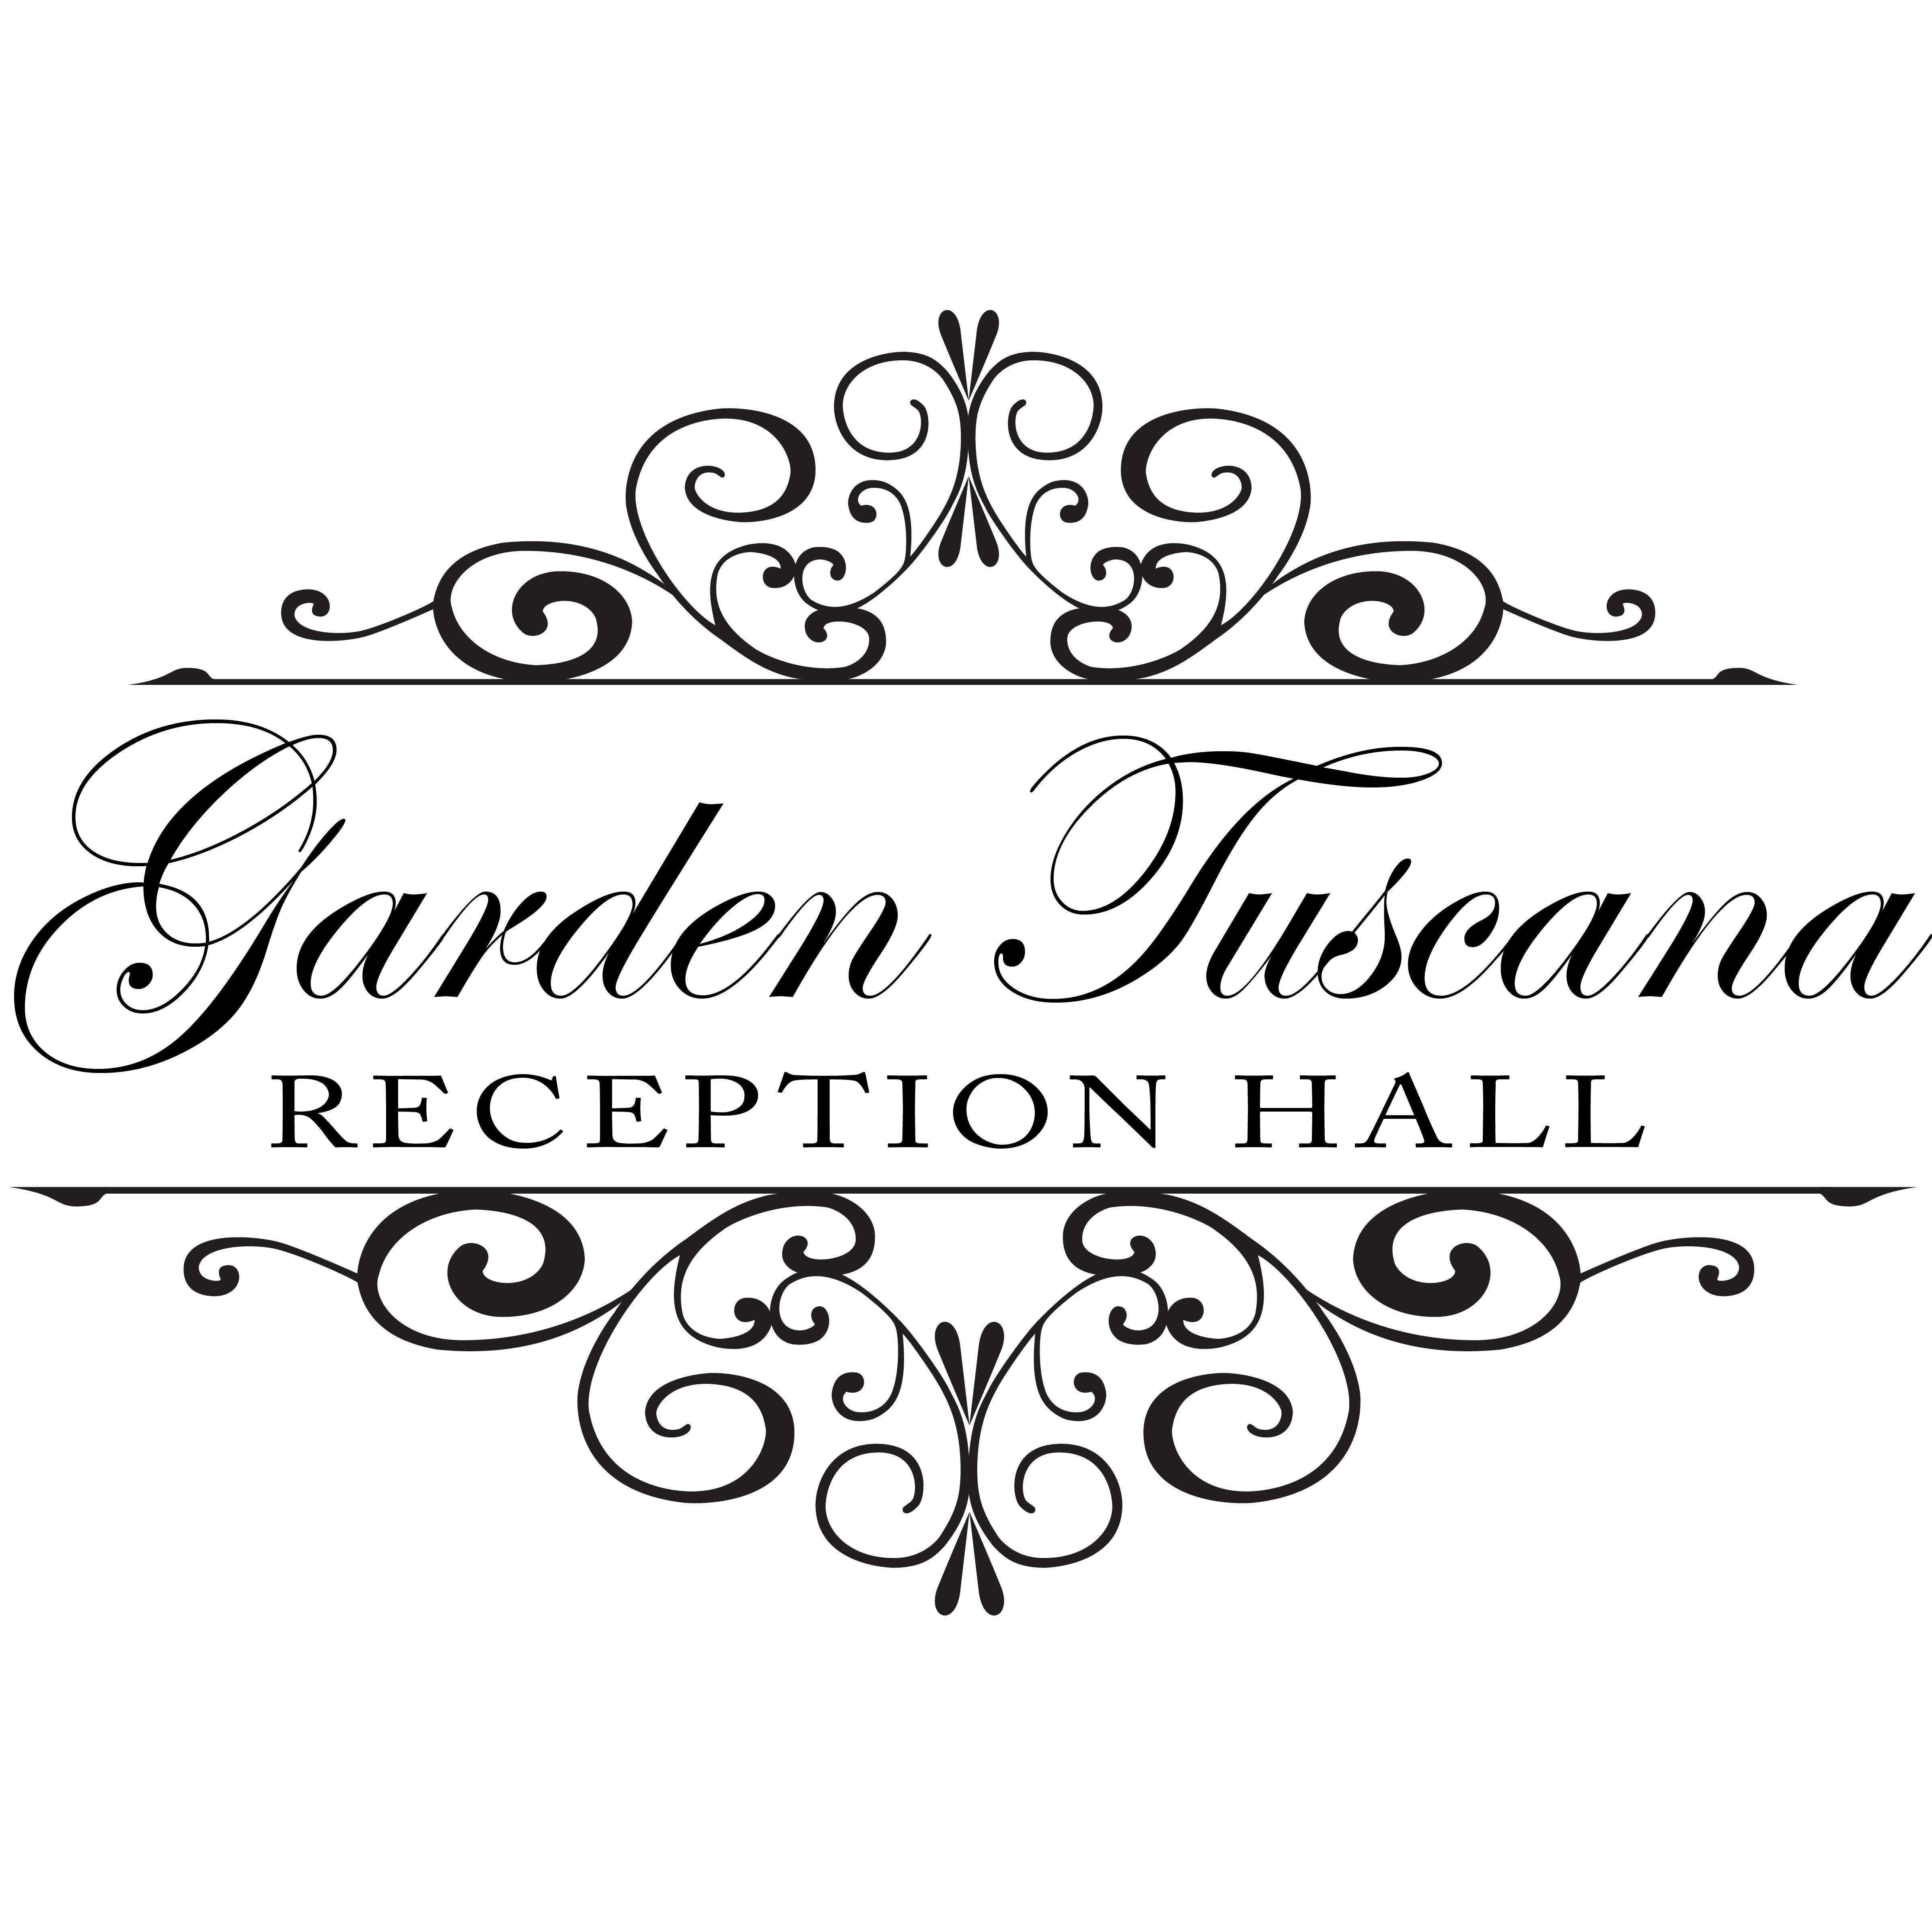 Garden Tuscana - Mesa, AZ 85203 - (480)833-0636 | ShowMeLocal.com